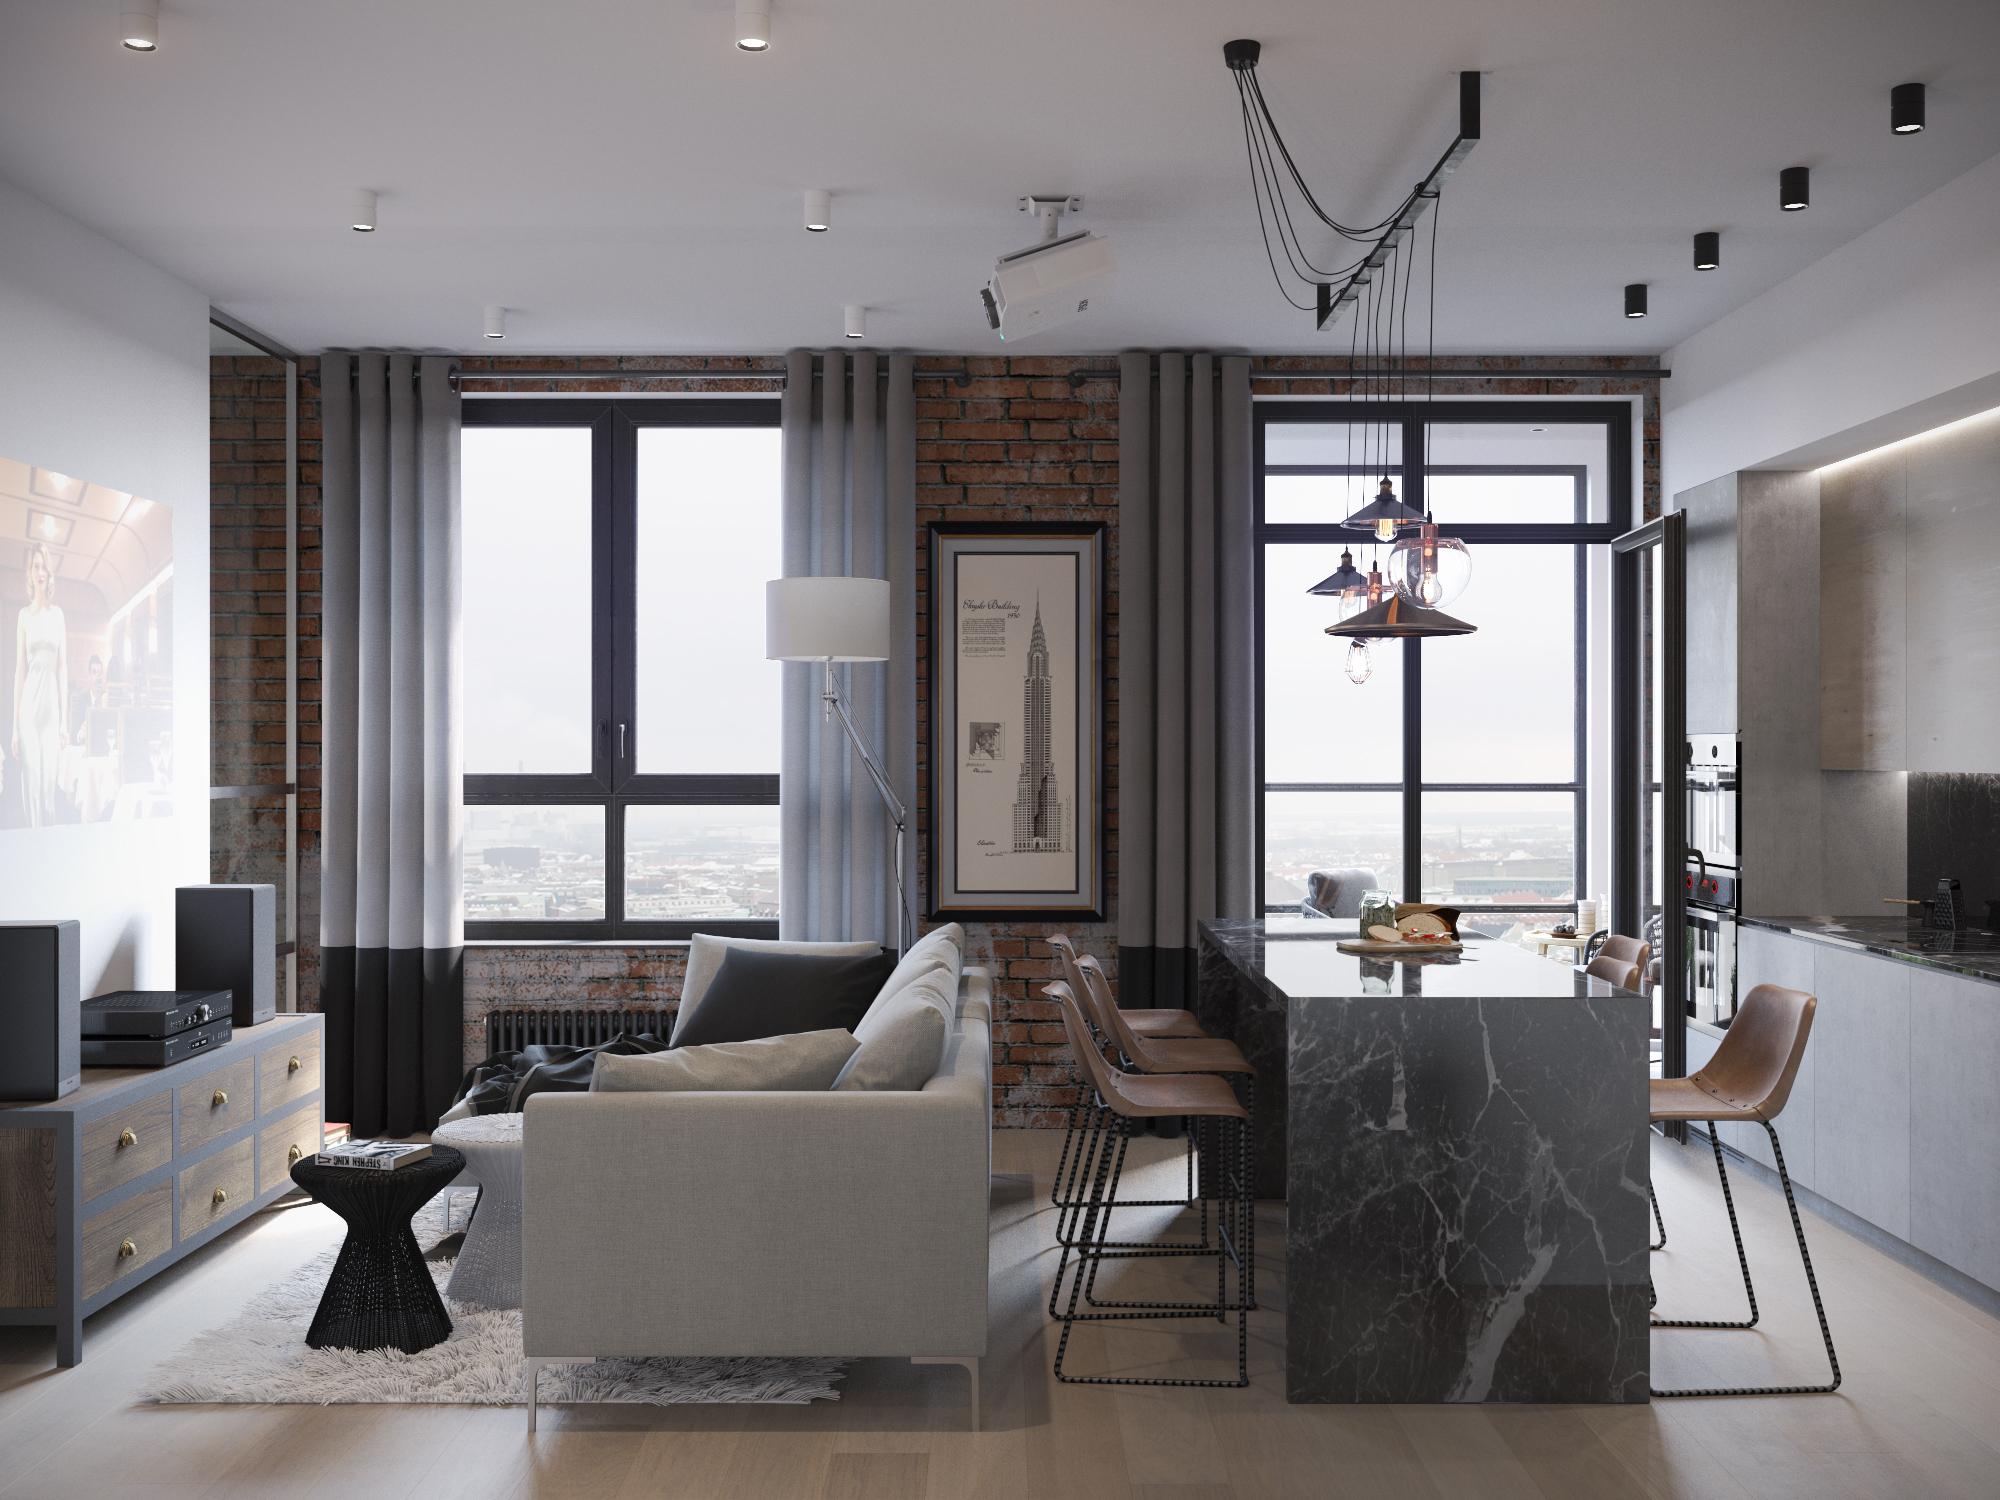 Серый, черный и коричневый цвета в интерьере гостиной-кухни